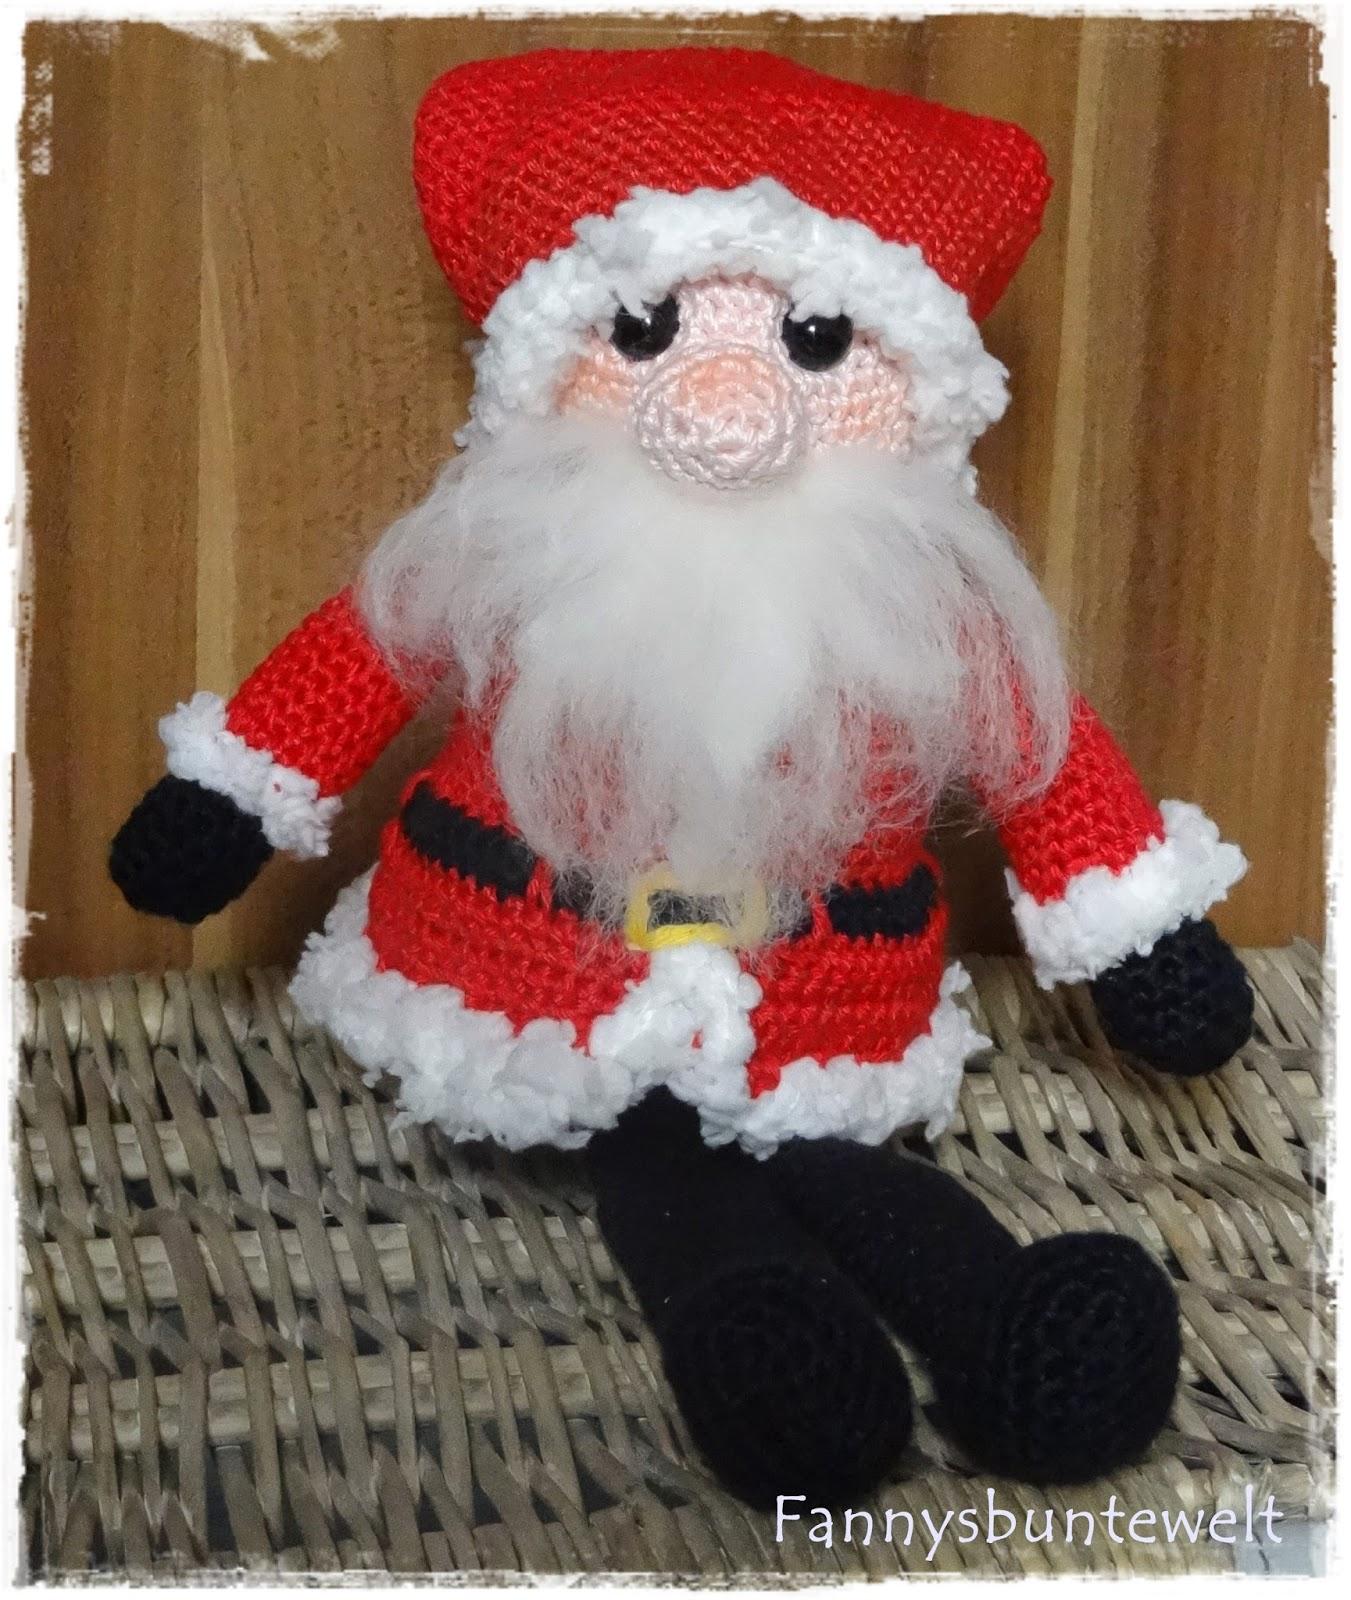 Amigurumi Weihnachtsmann häkeln